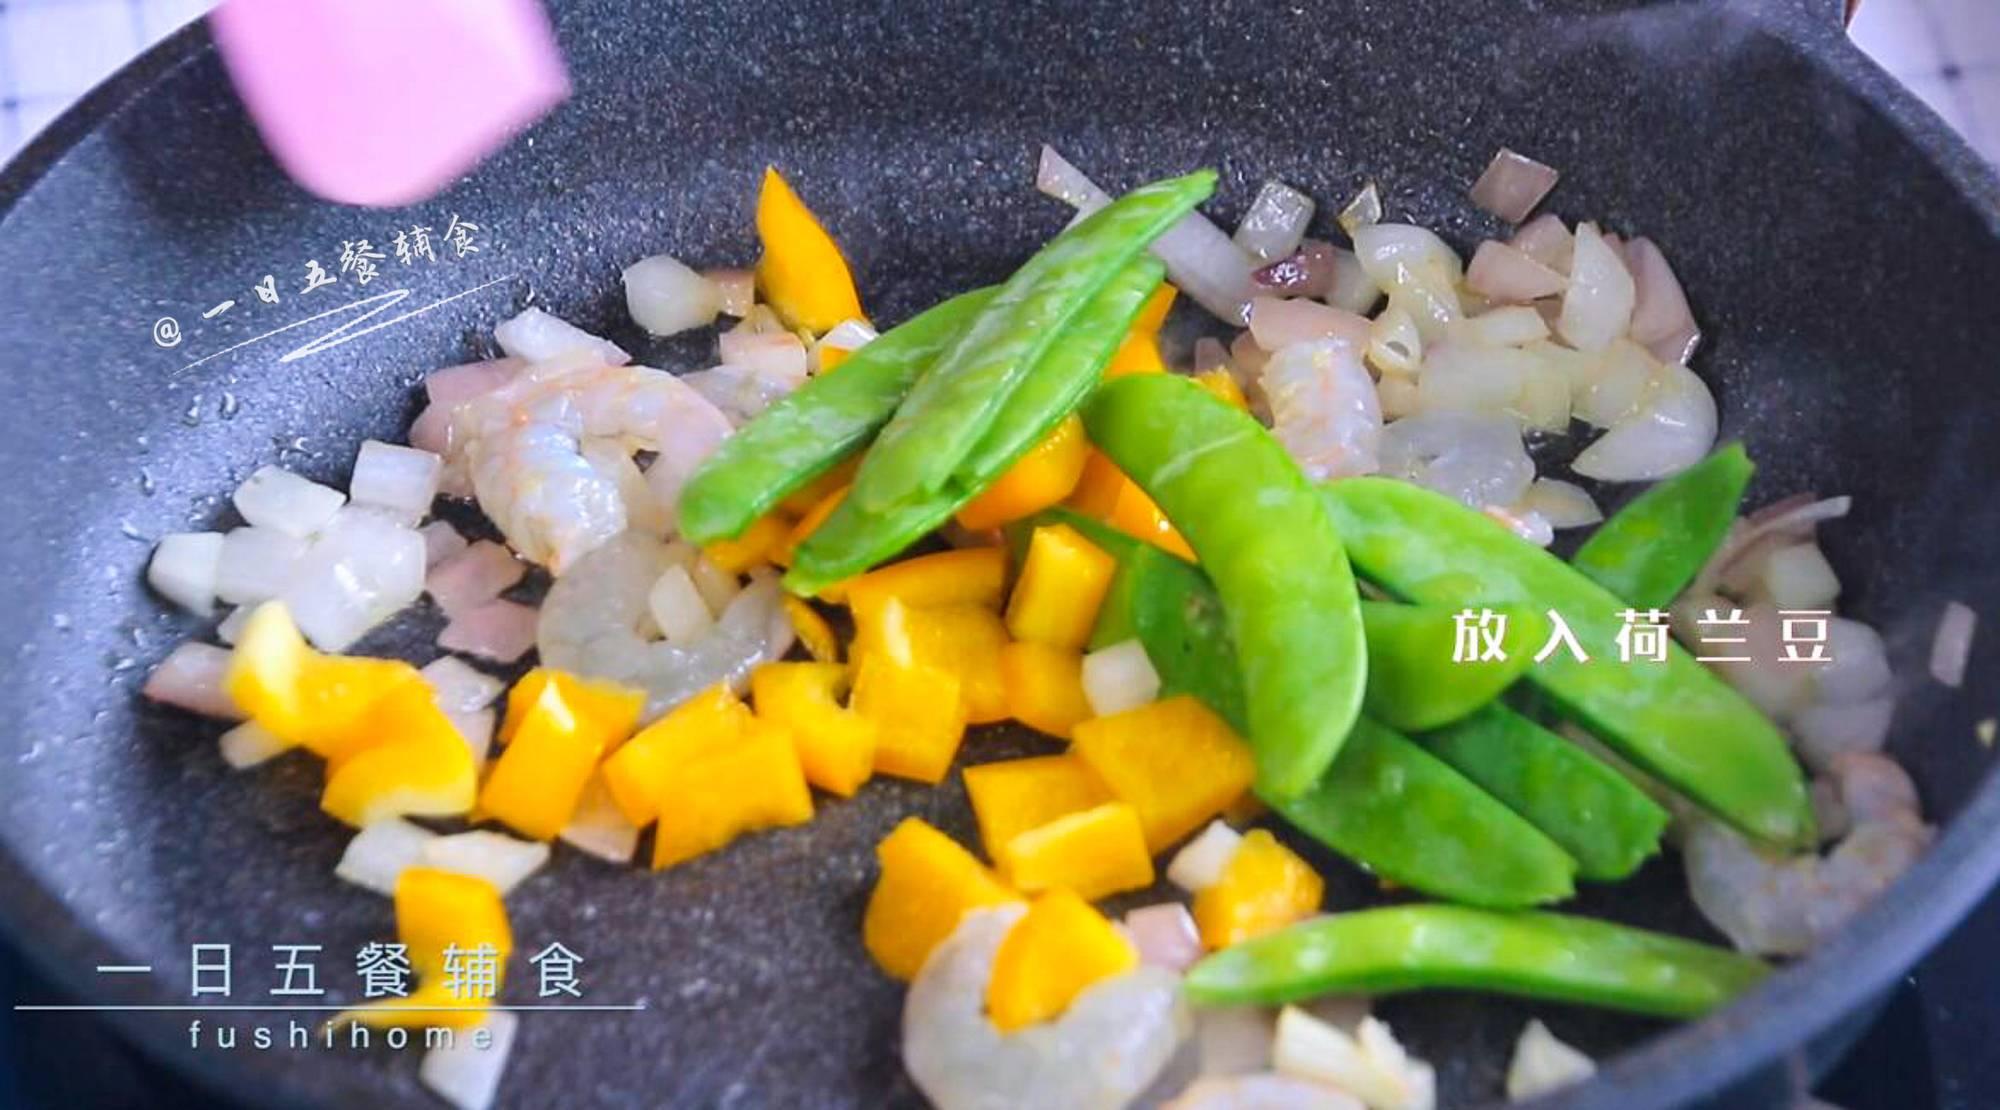 虾仁荷兰豆早餐饼,加入基围虾煸炒,再放入黄椒和荷兰豆炒30秒。</p> <p>